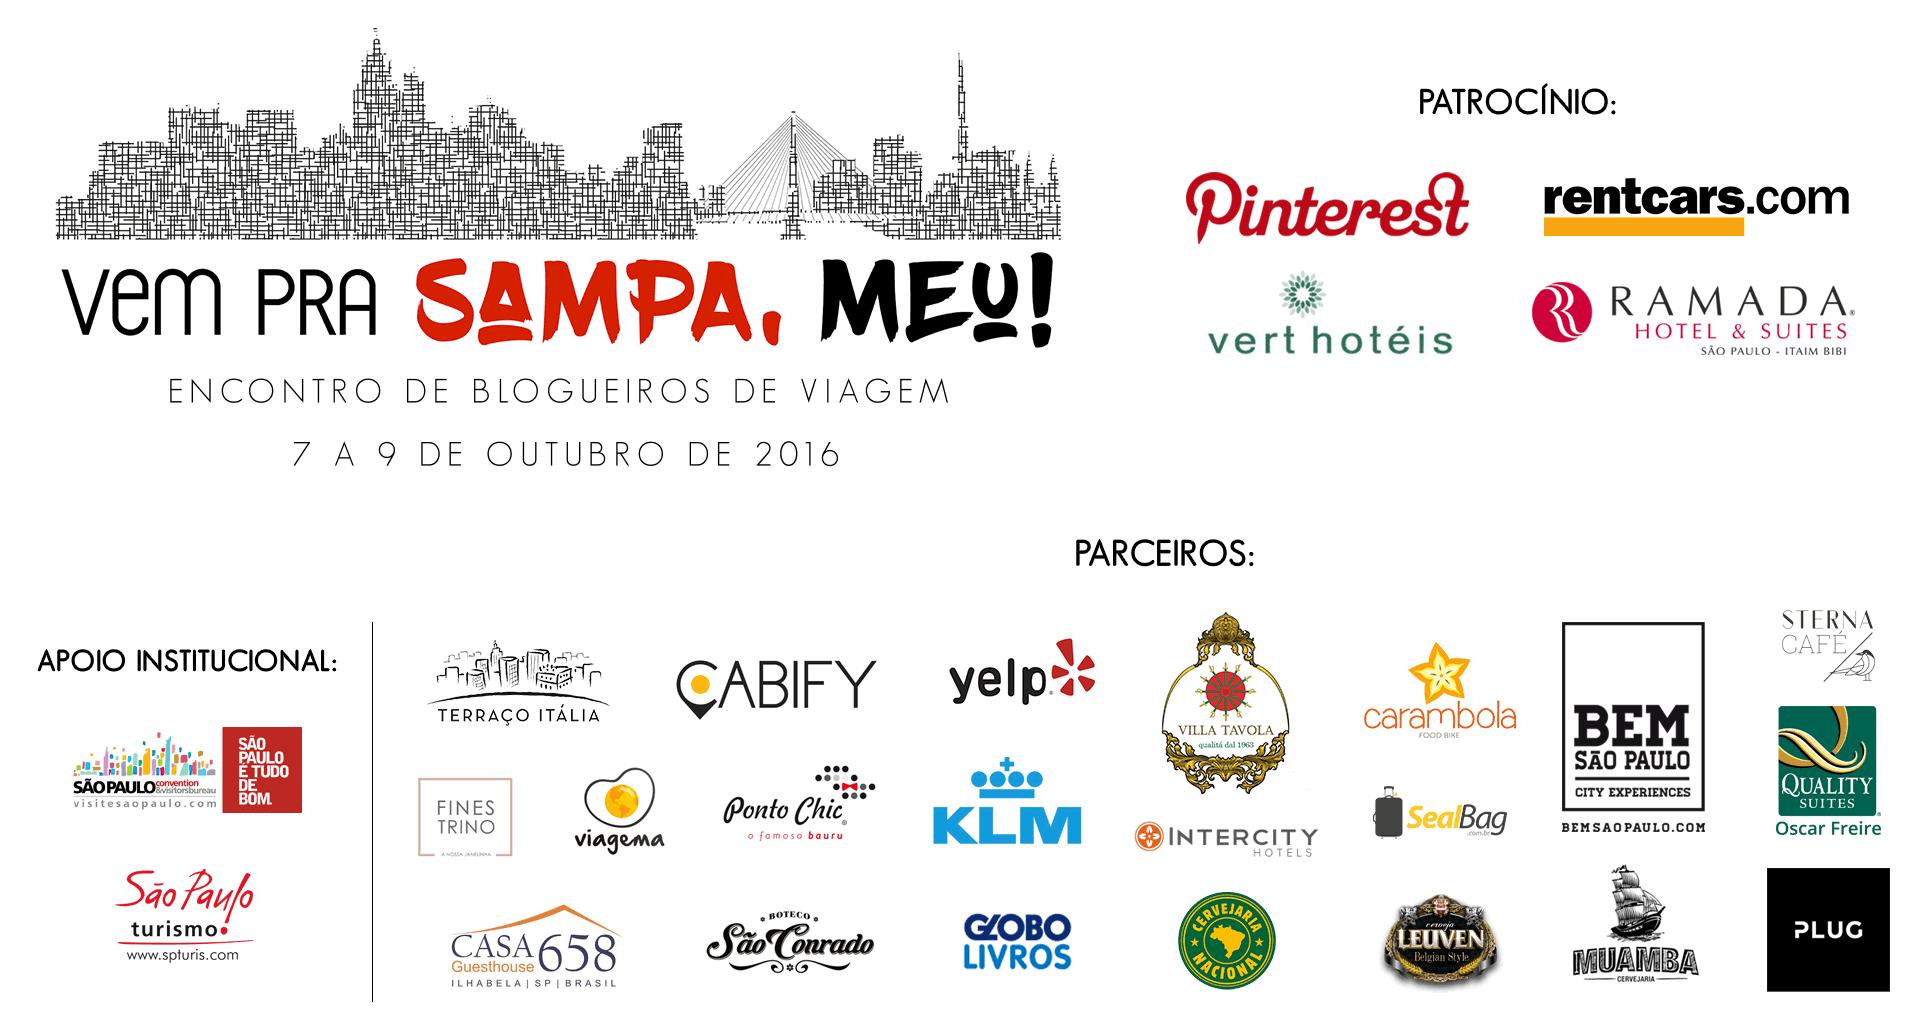 Relação dos parceiros do Vem pra Sampa, meu! 2016